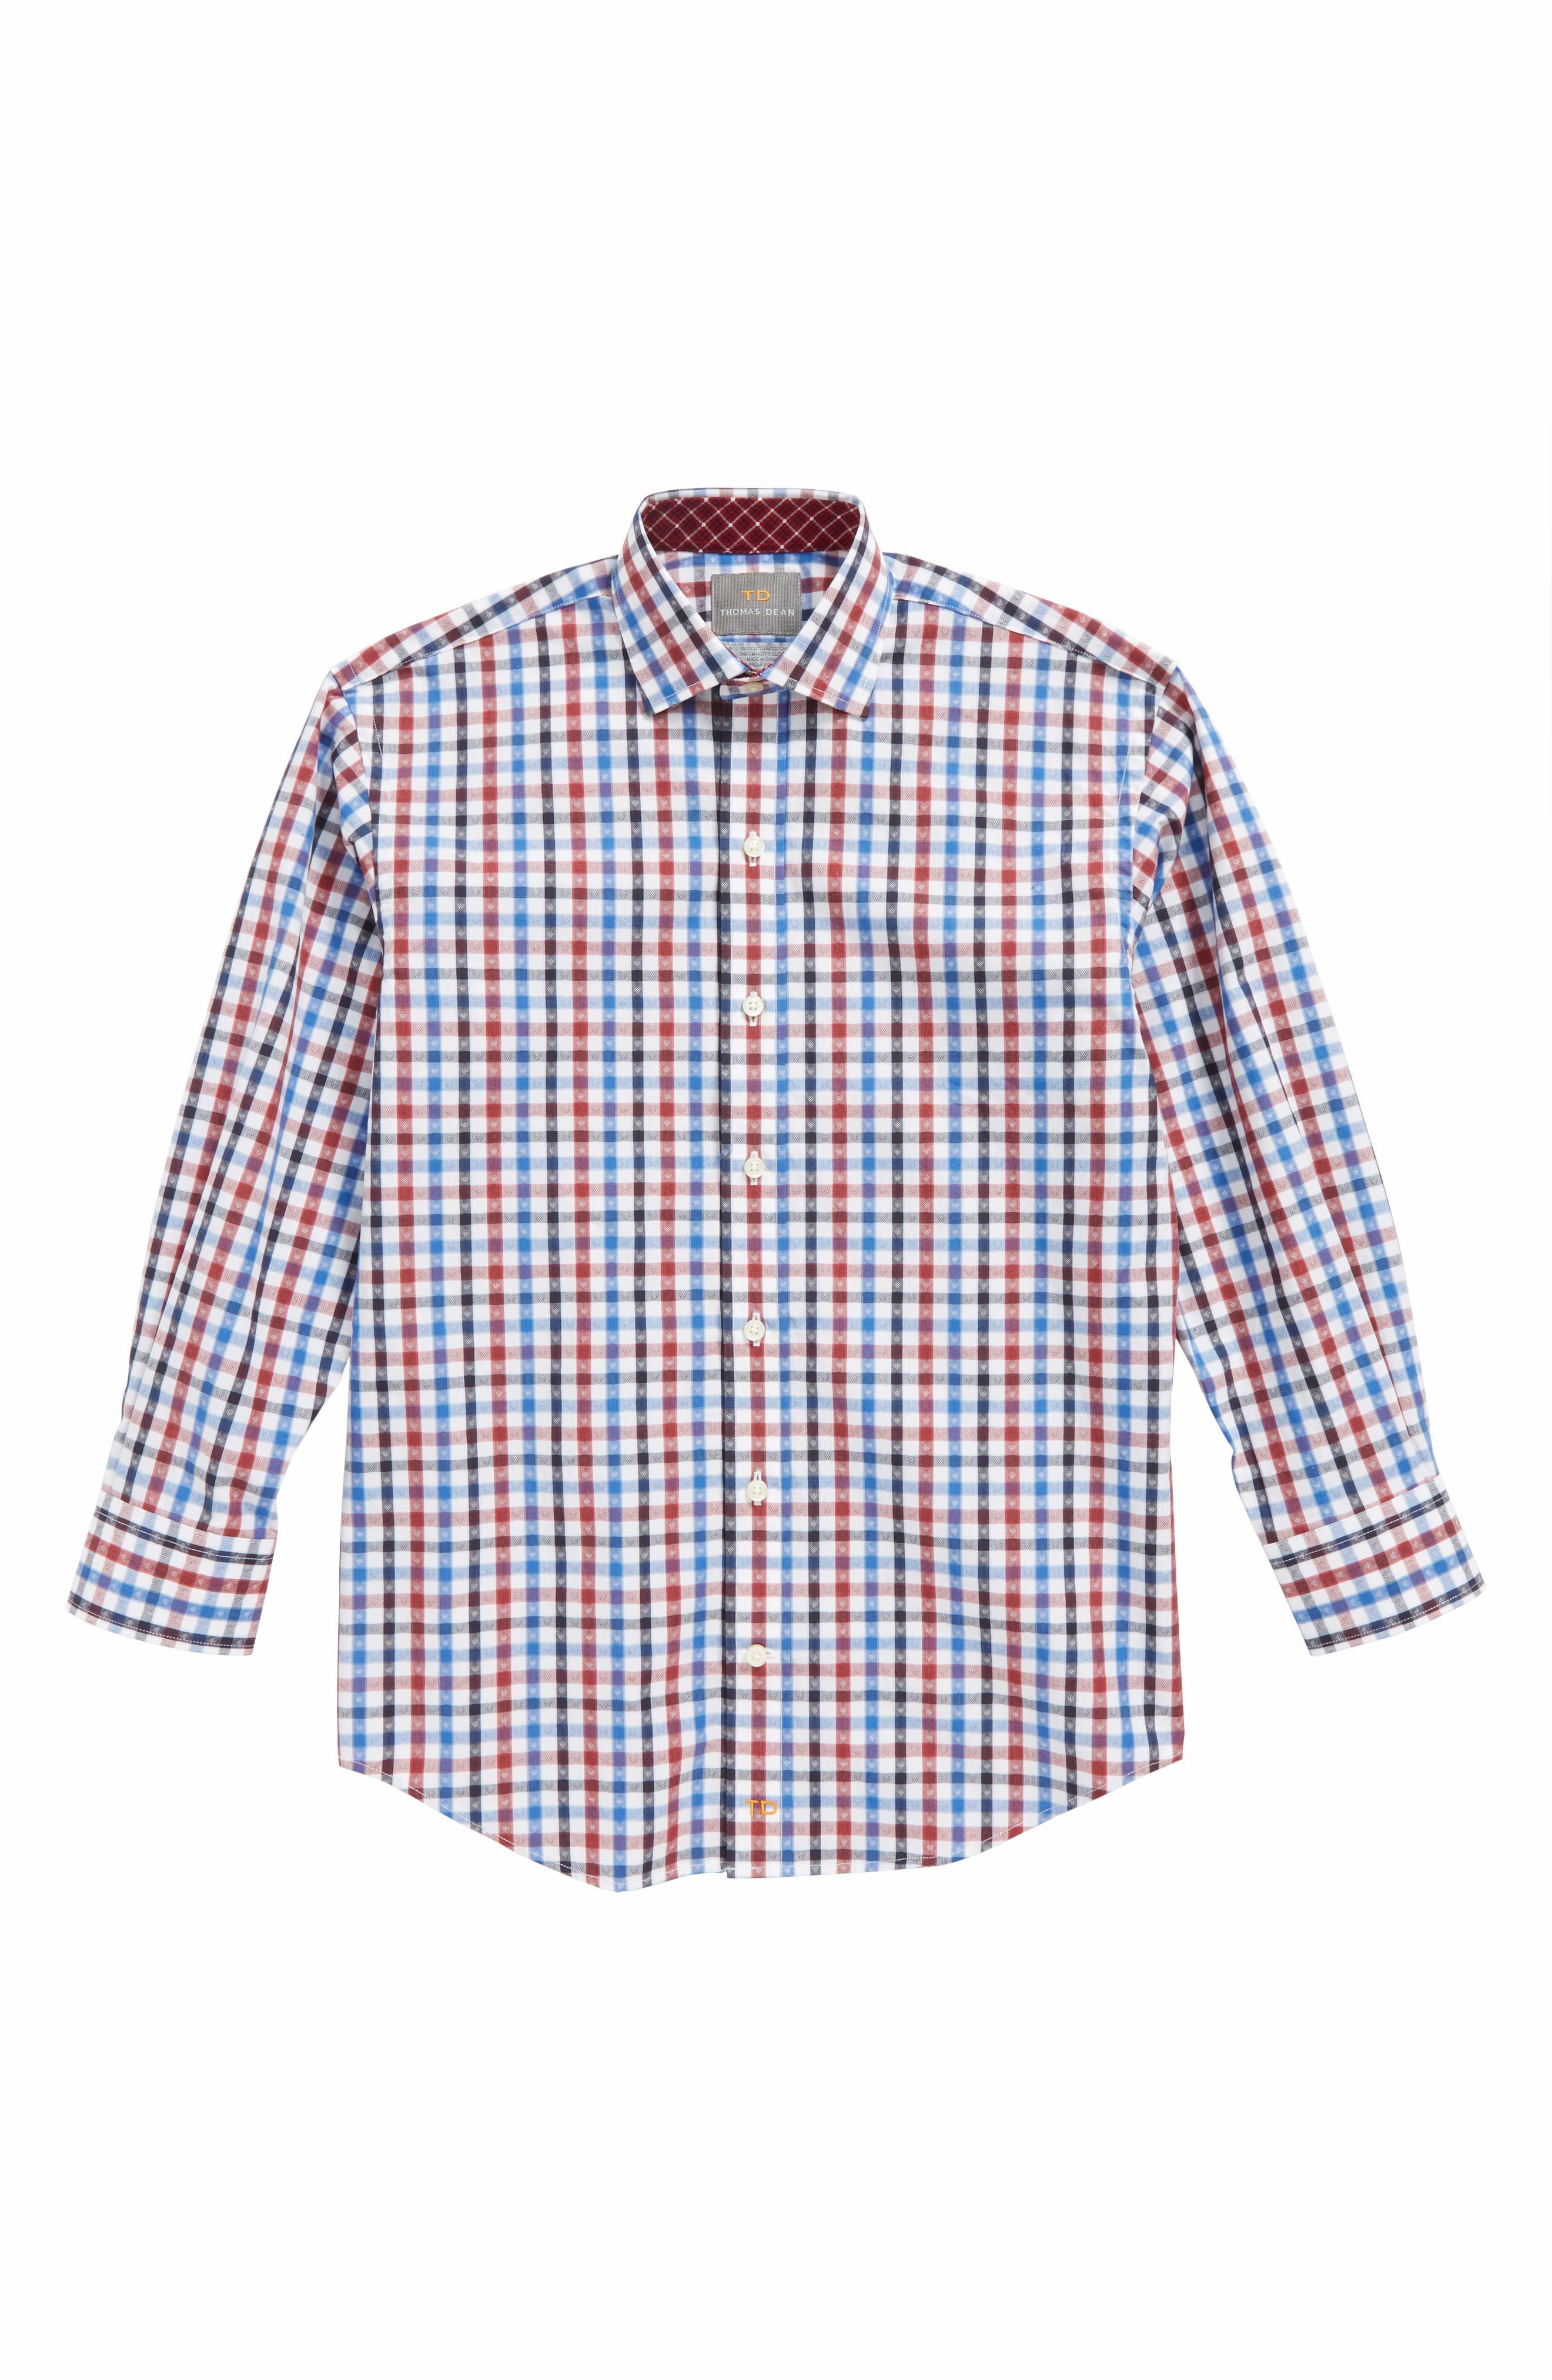 Shadow Check Dress Shirt,                         Main,                         color, 600